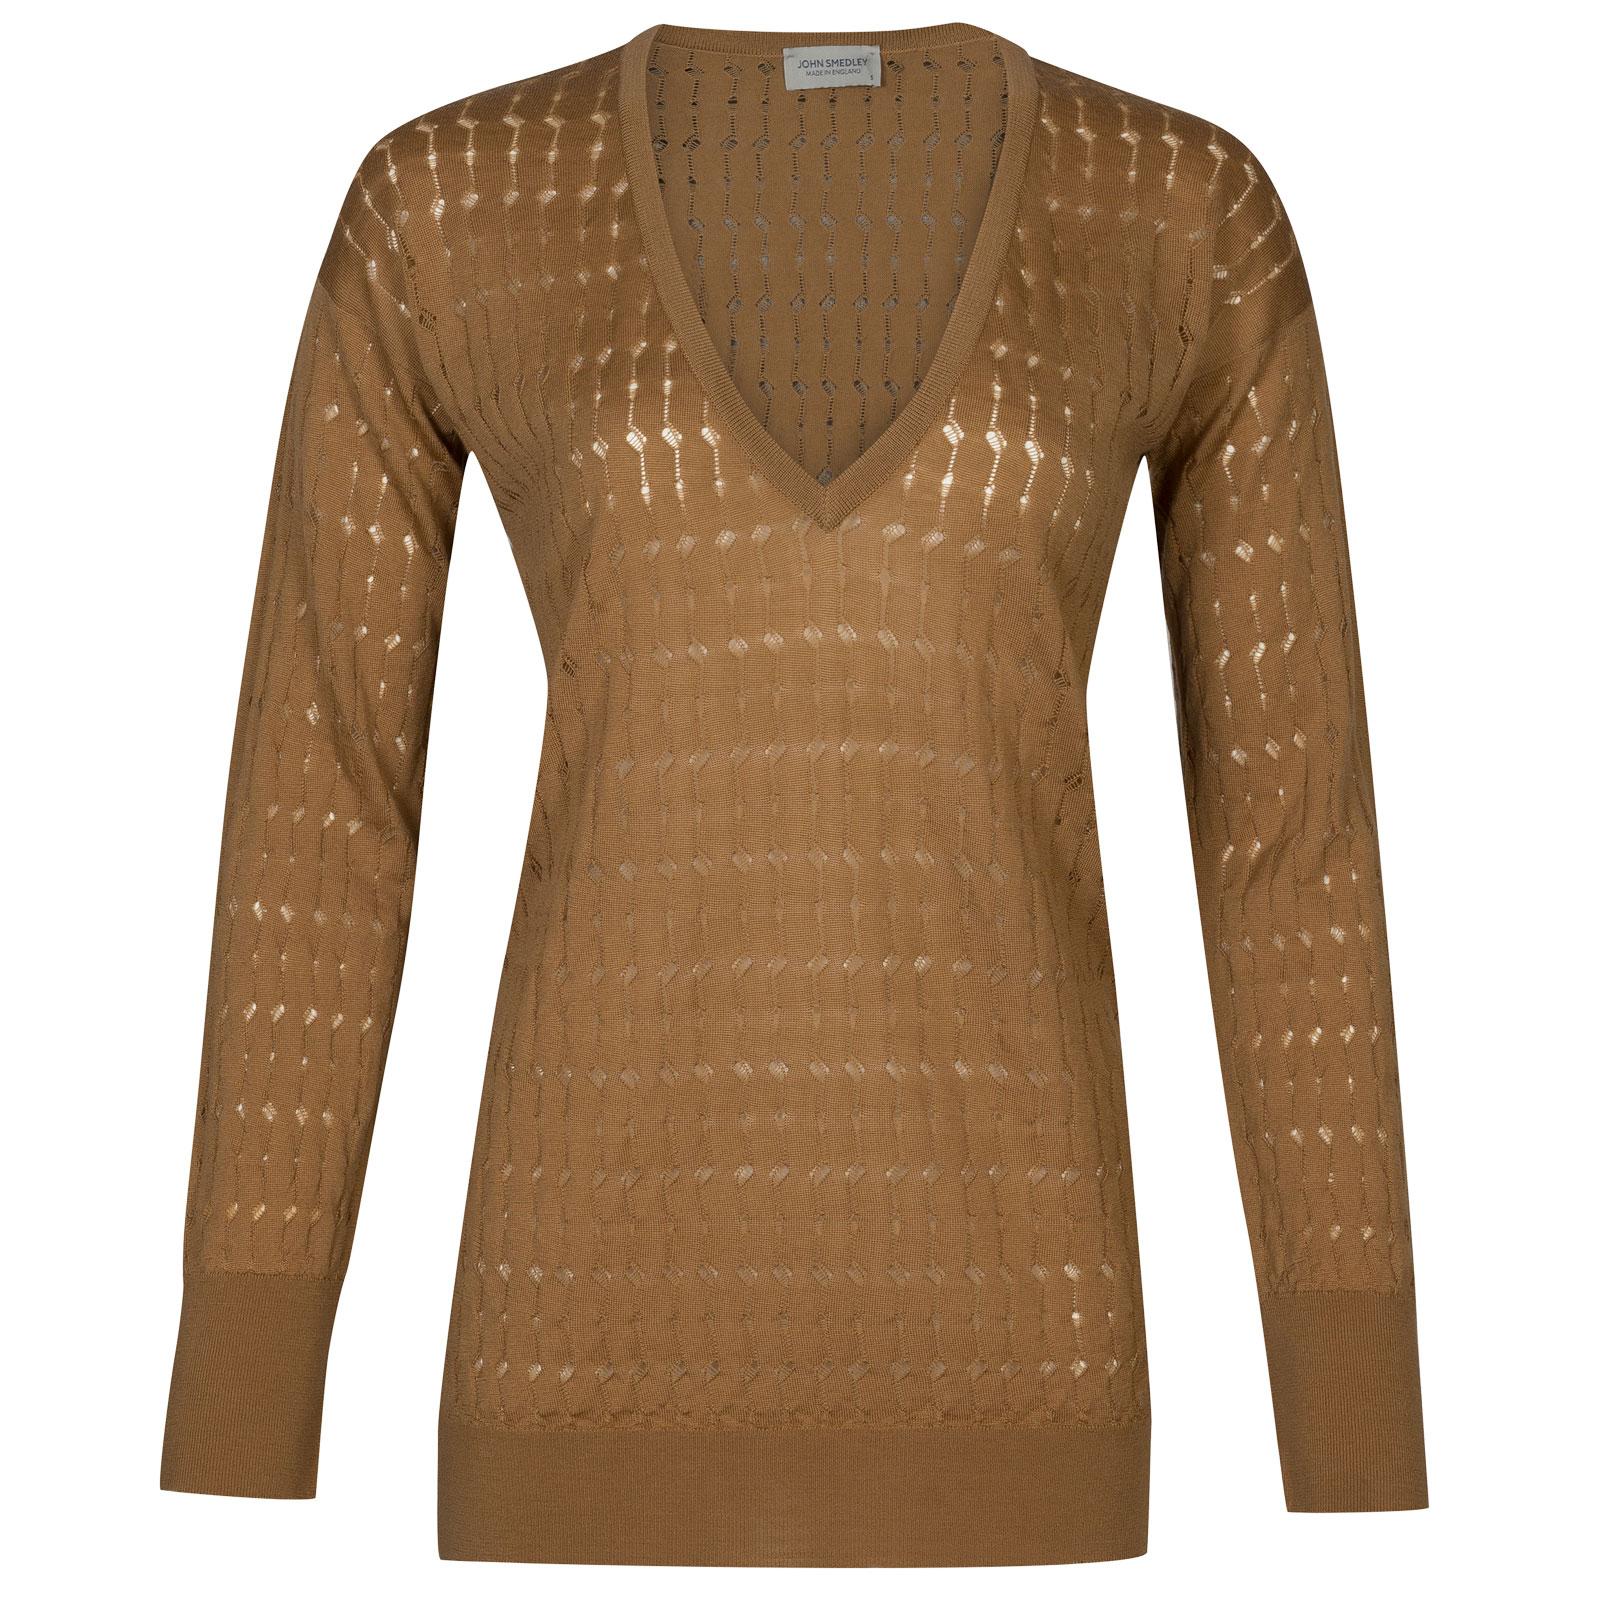 John Smedley tilia Merino Wool Sweater in Camel-S